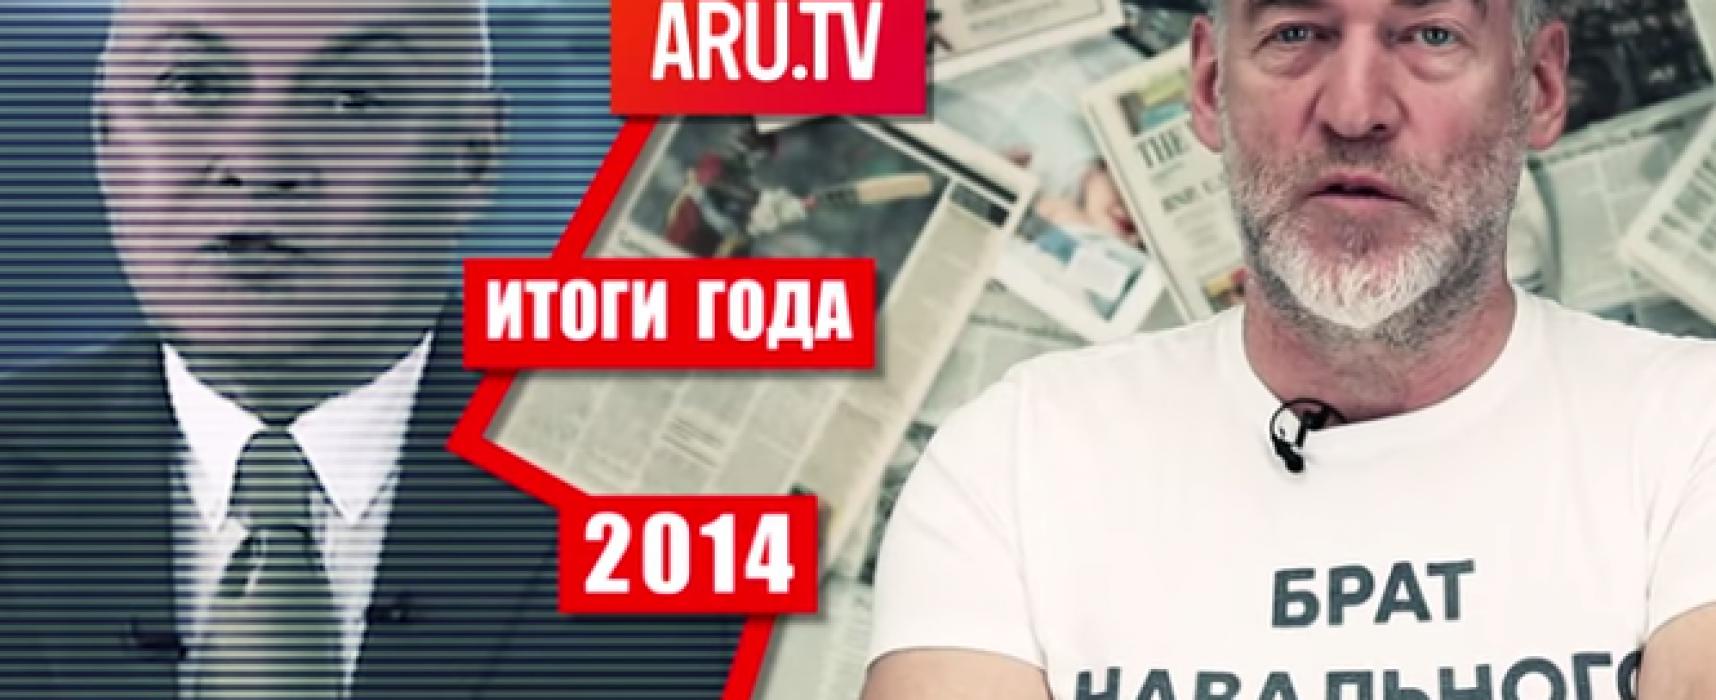 Эстония запустила телеканал для борьбы с российской пропагандой